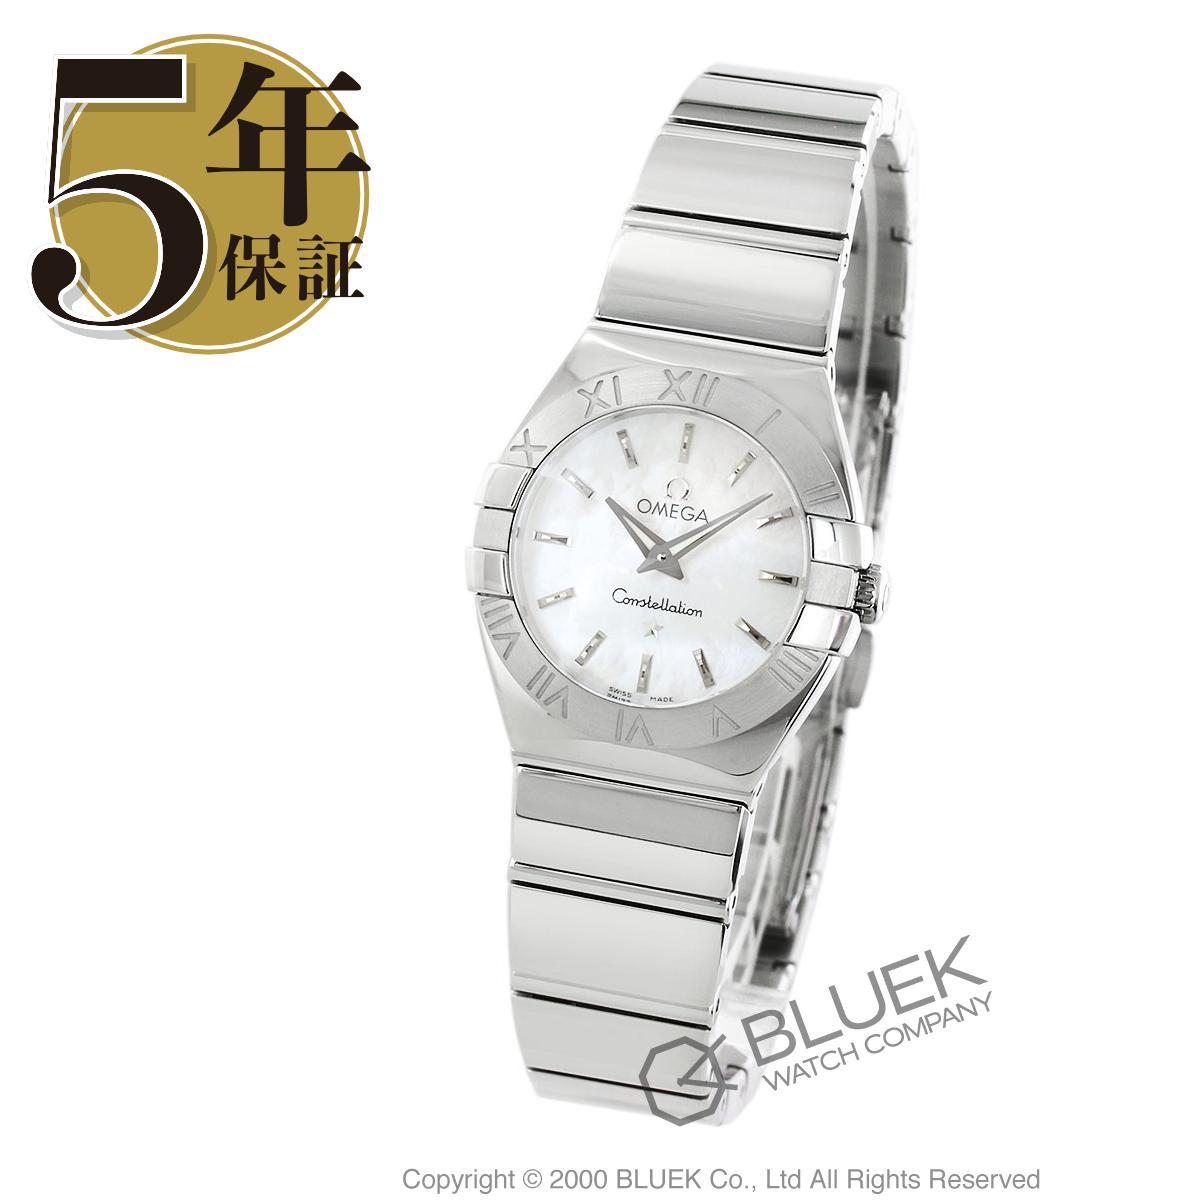 オメガ コンステレーション ポリッシュ 腕時計 レディース OMEGA 123.10.24.60.05.002_5:ブルークウォッチカンパニー